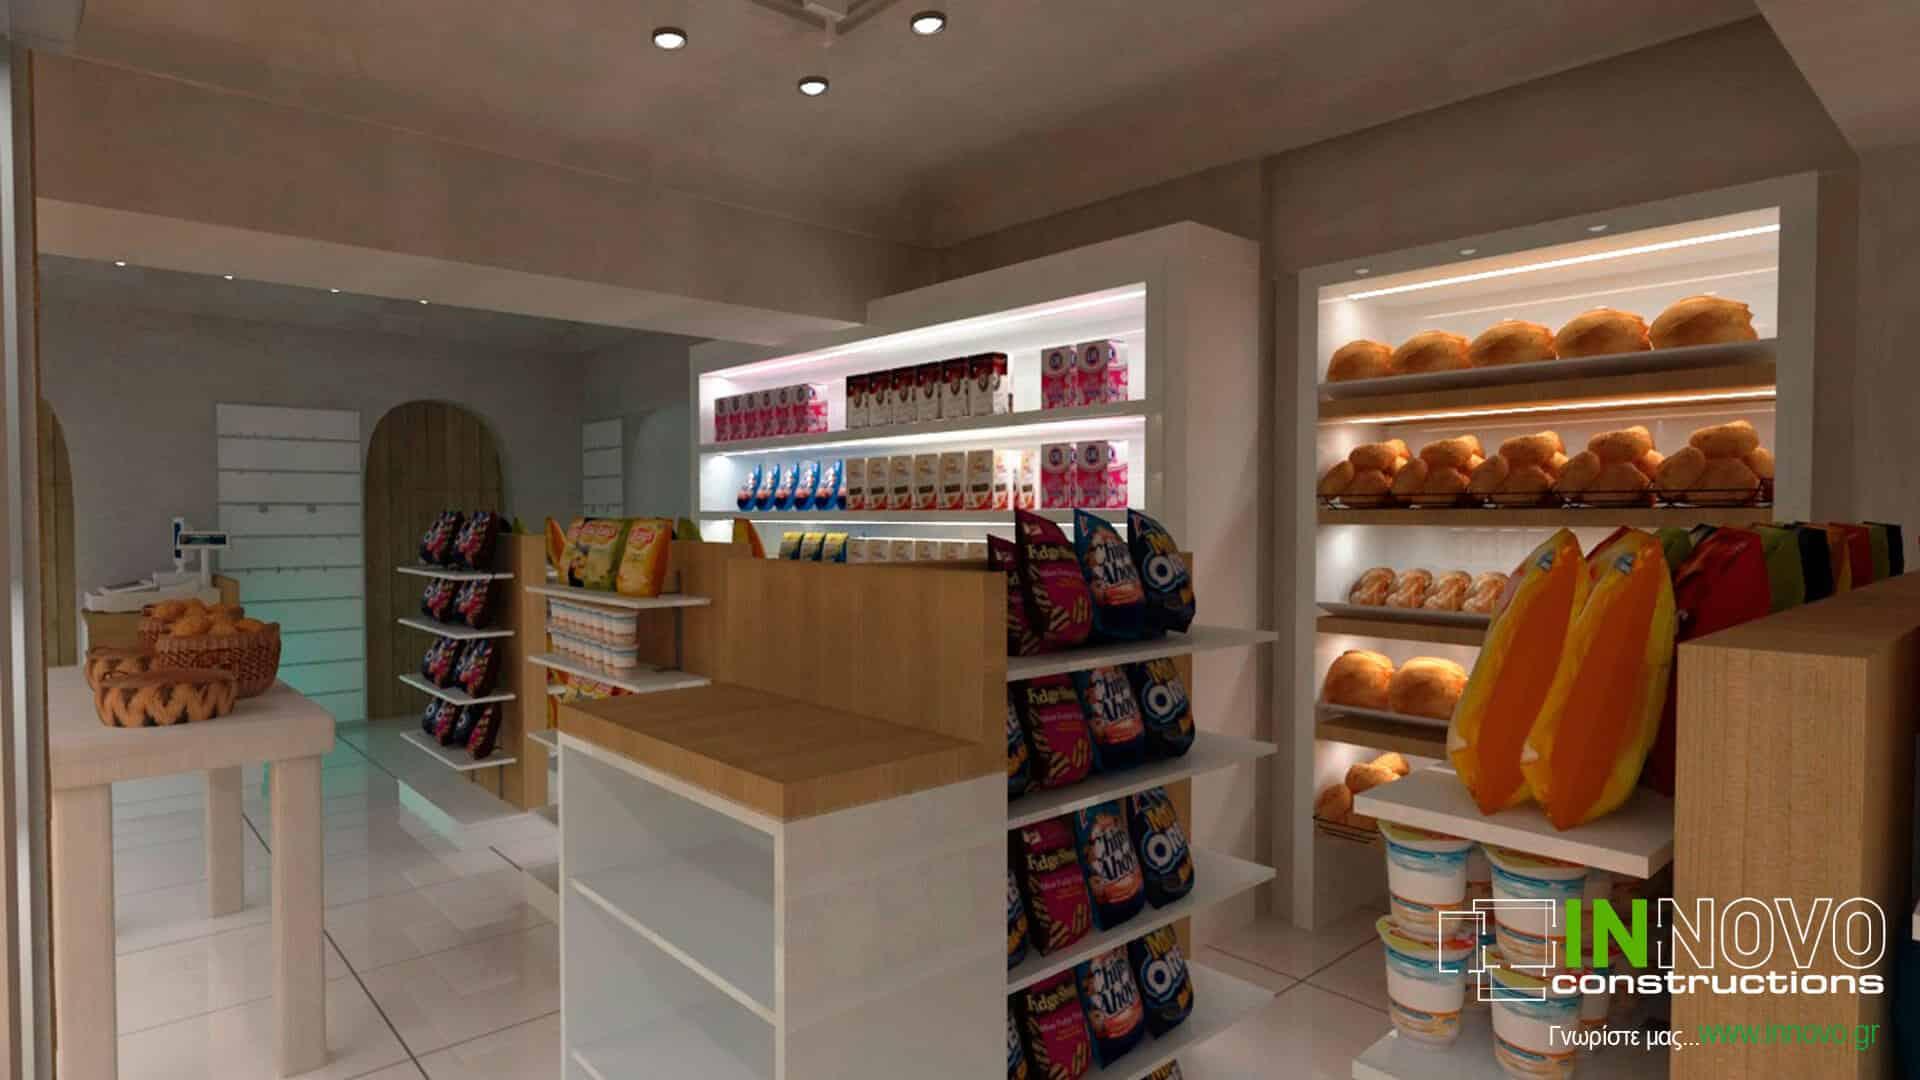 Σχεδιασμός σνακ – καφέ – μάρκετ στη Σαντορίνη